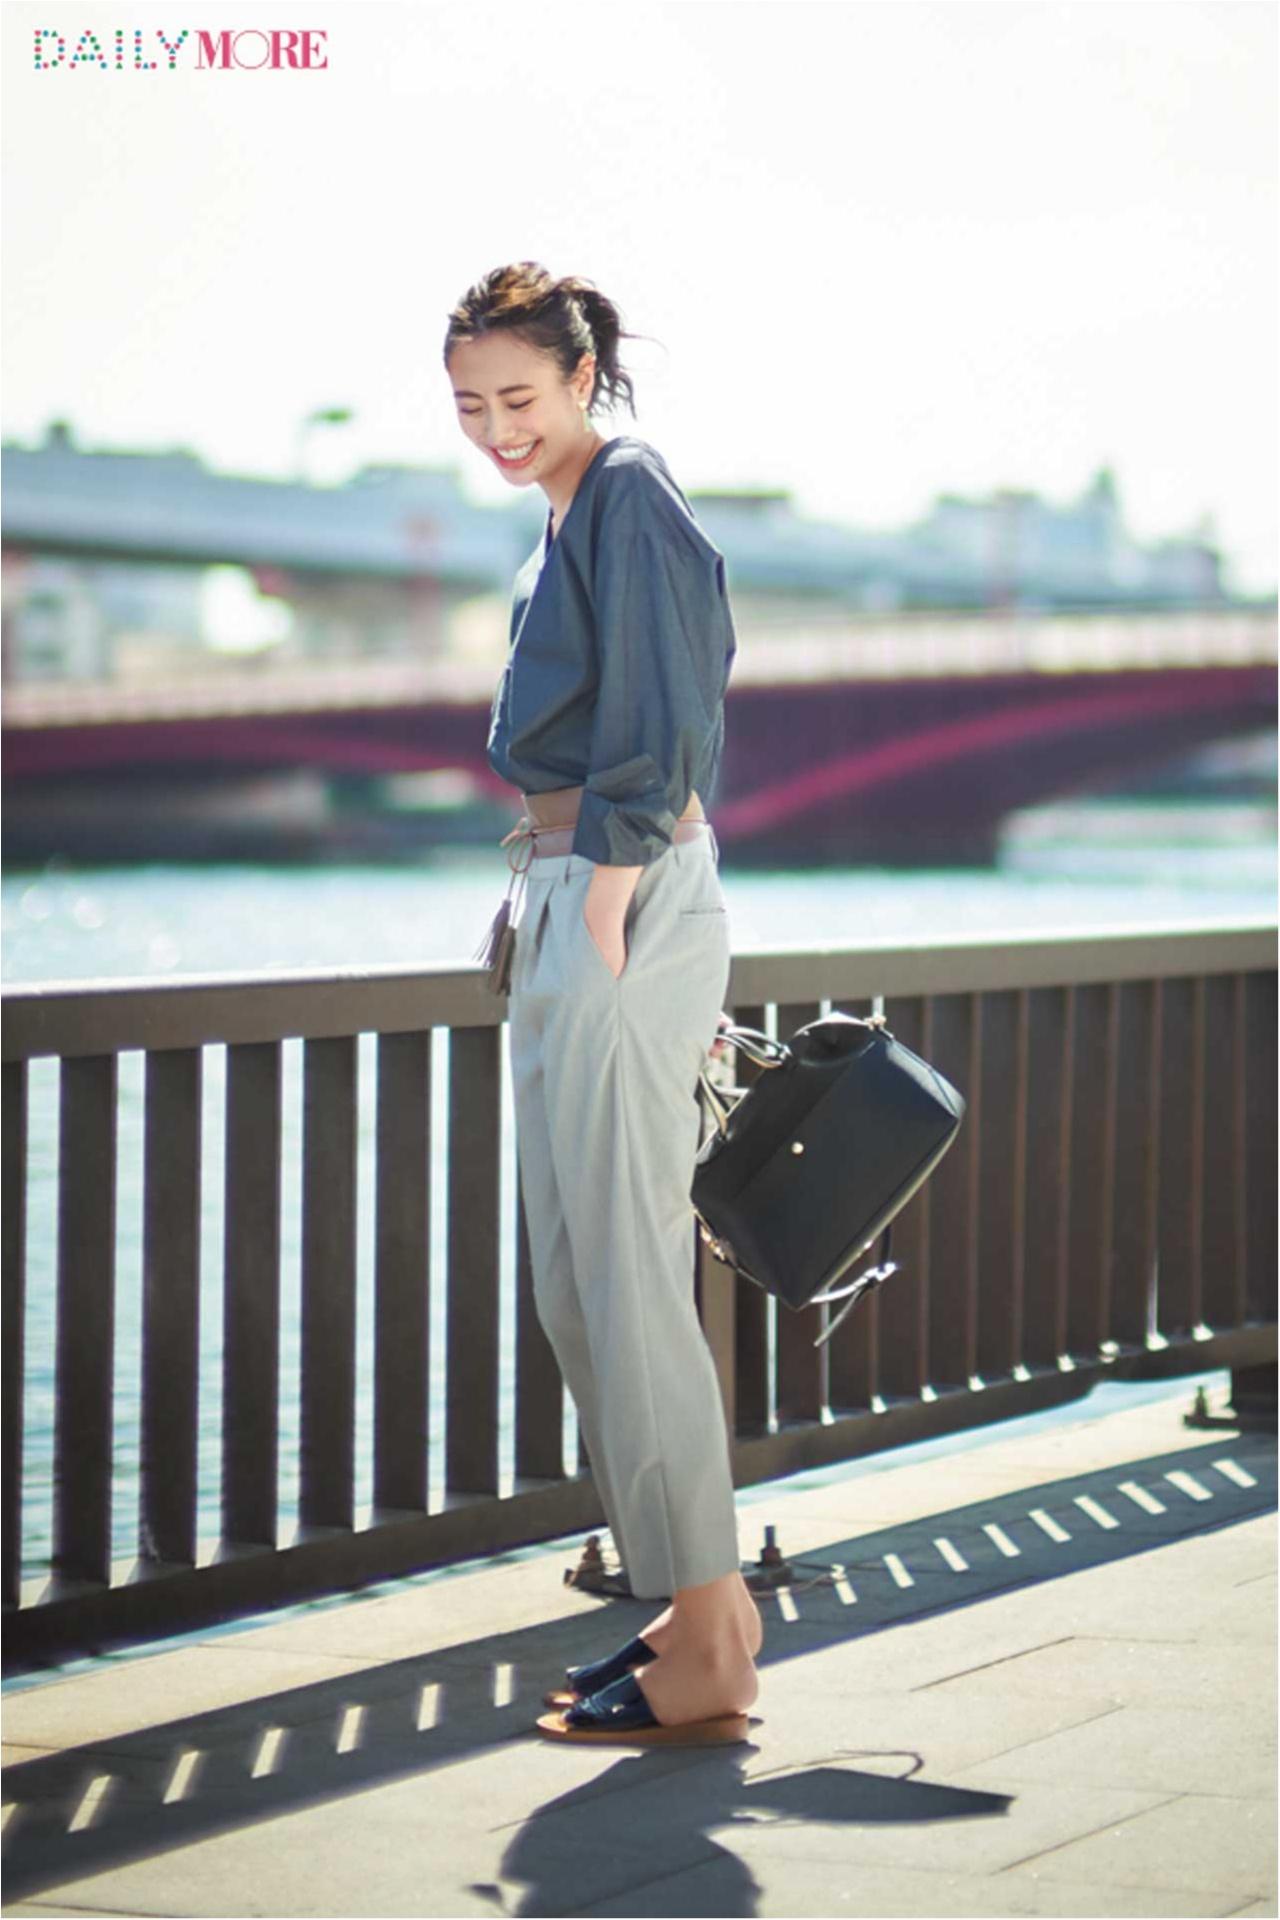 【今日のコーデ/土屋巴瑞季】「素敵な先輩」を気取りたい、パンツの日。足もとはあくまで「シンプル・上質」_1